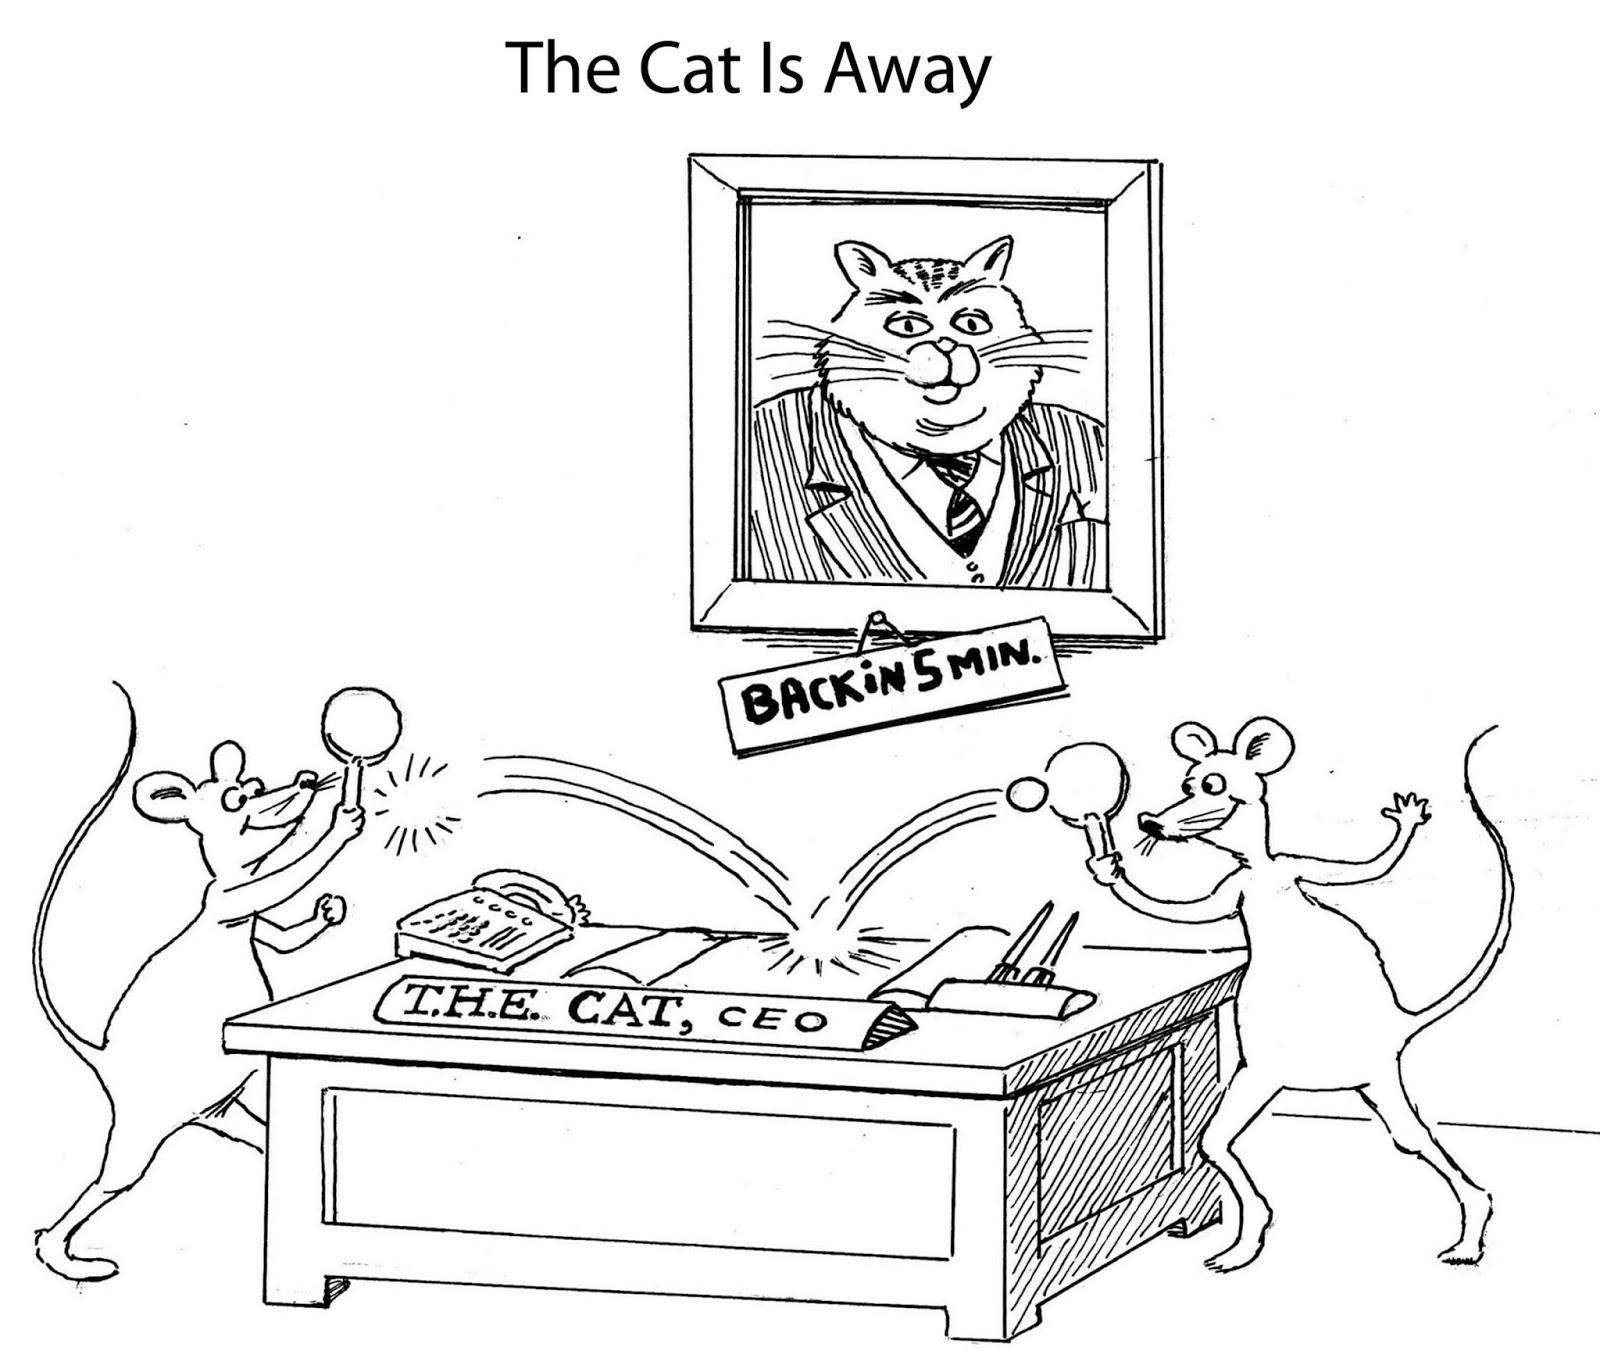 dilbert office cartoons